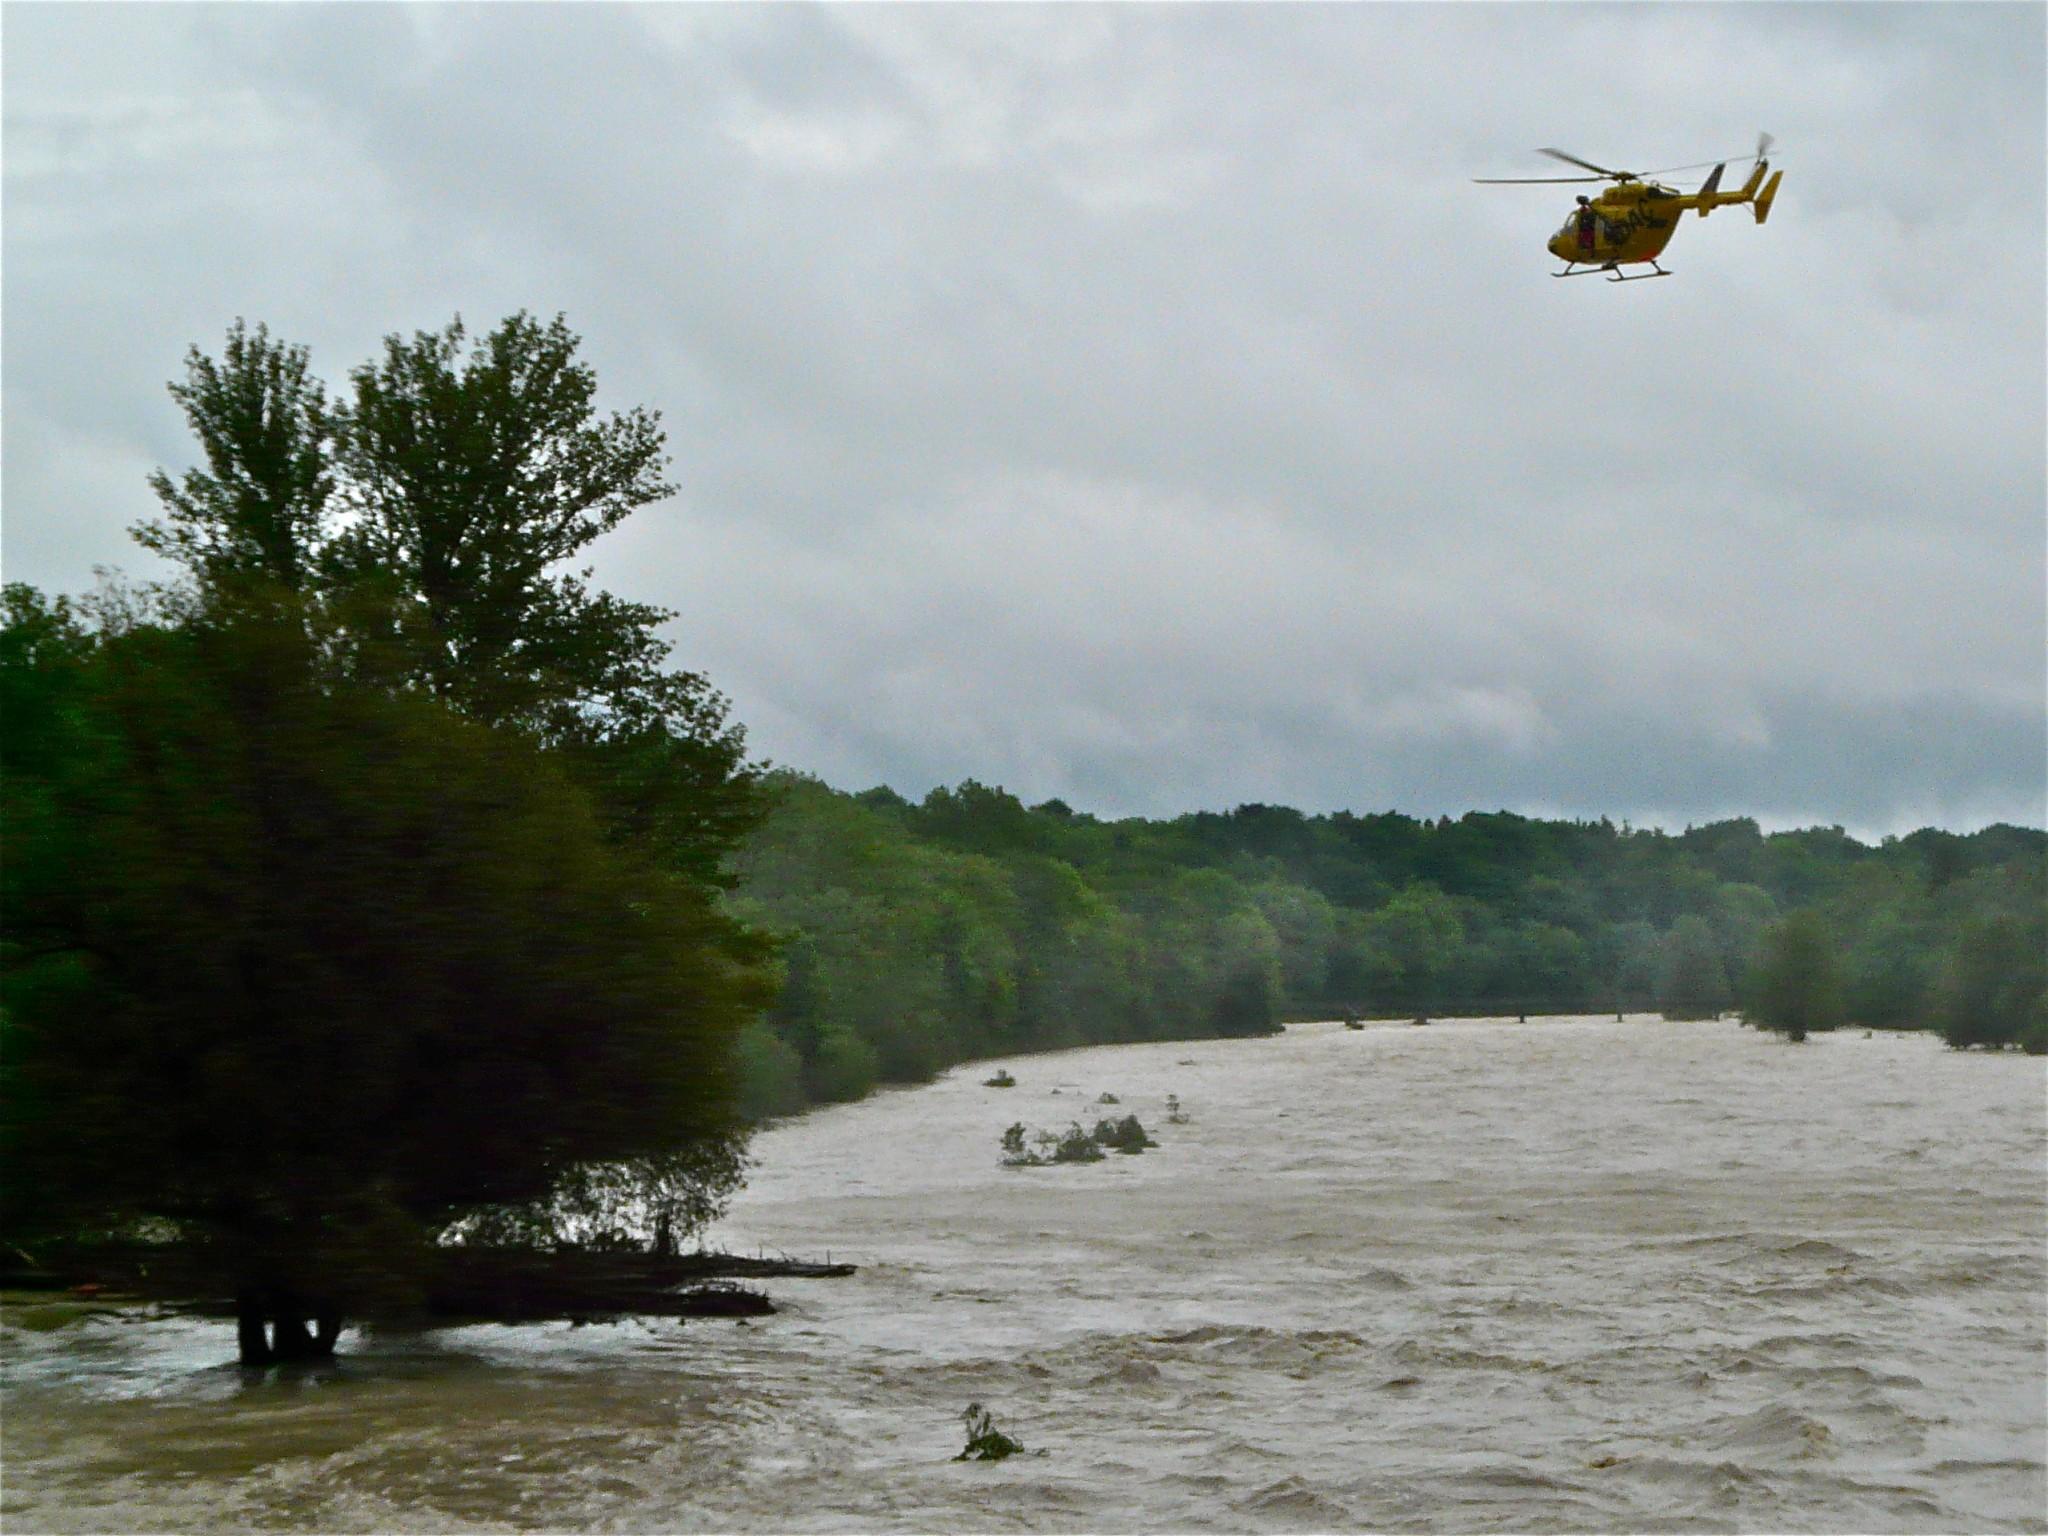 Hochwasser © flickr_sanfamedia